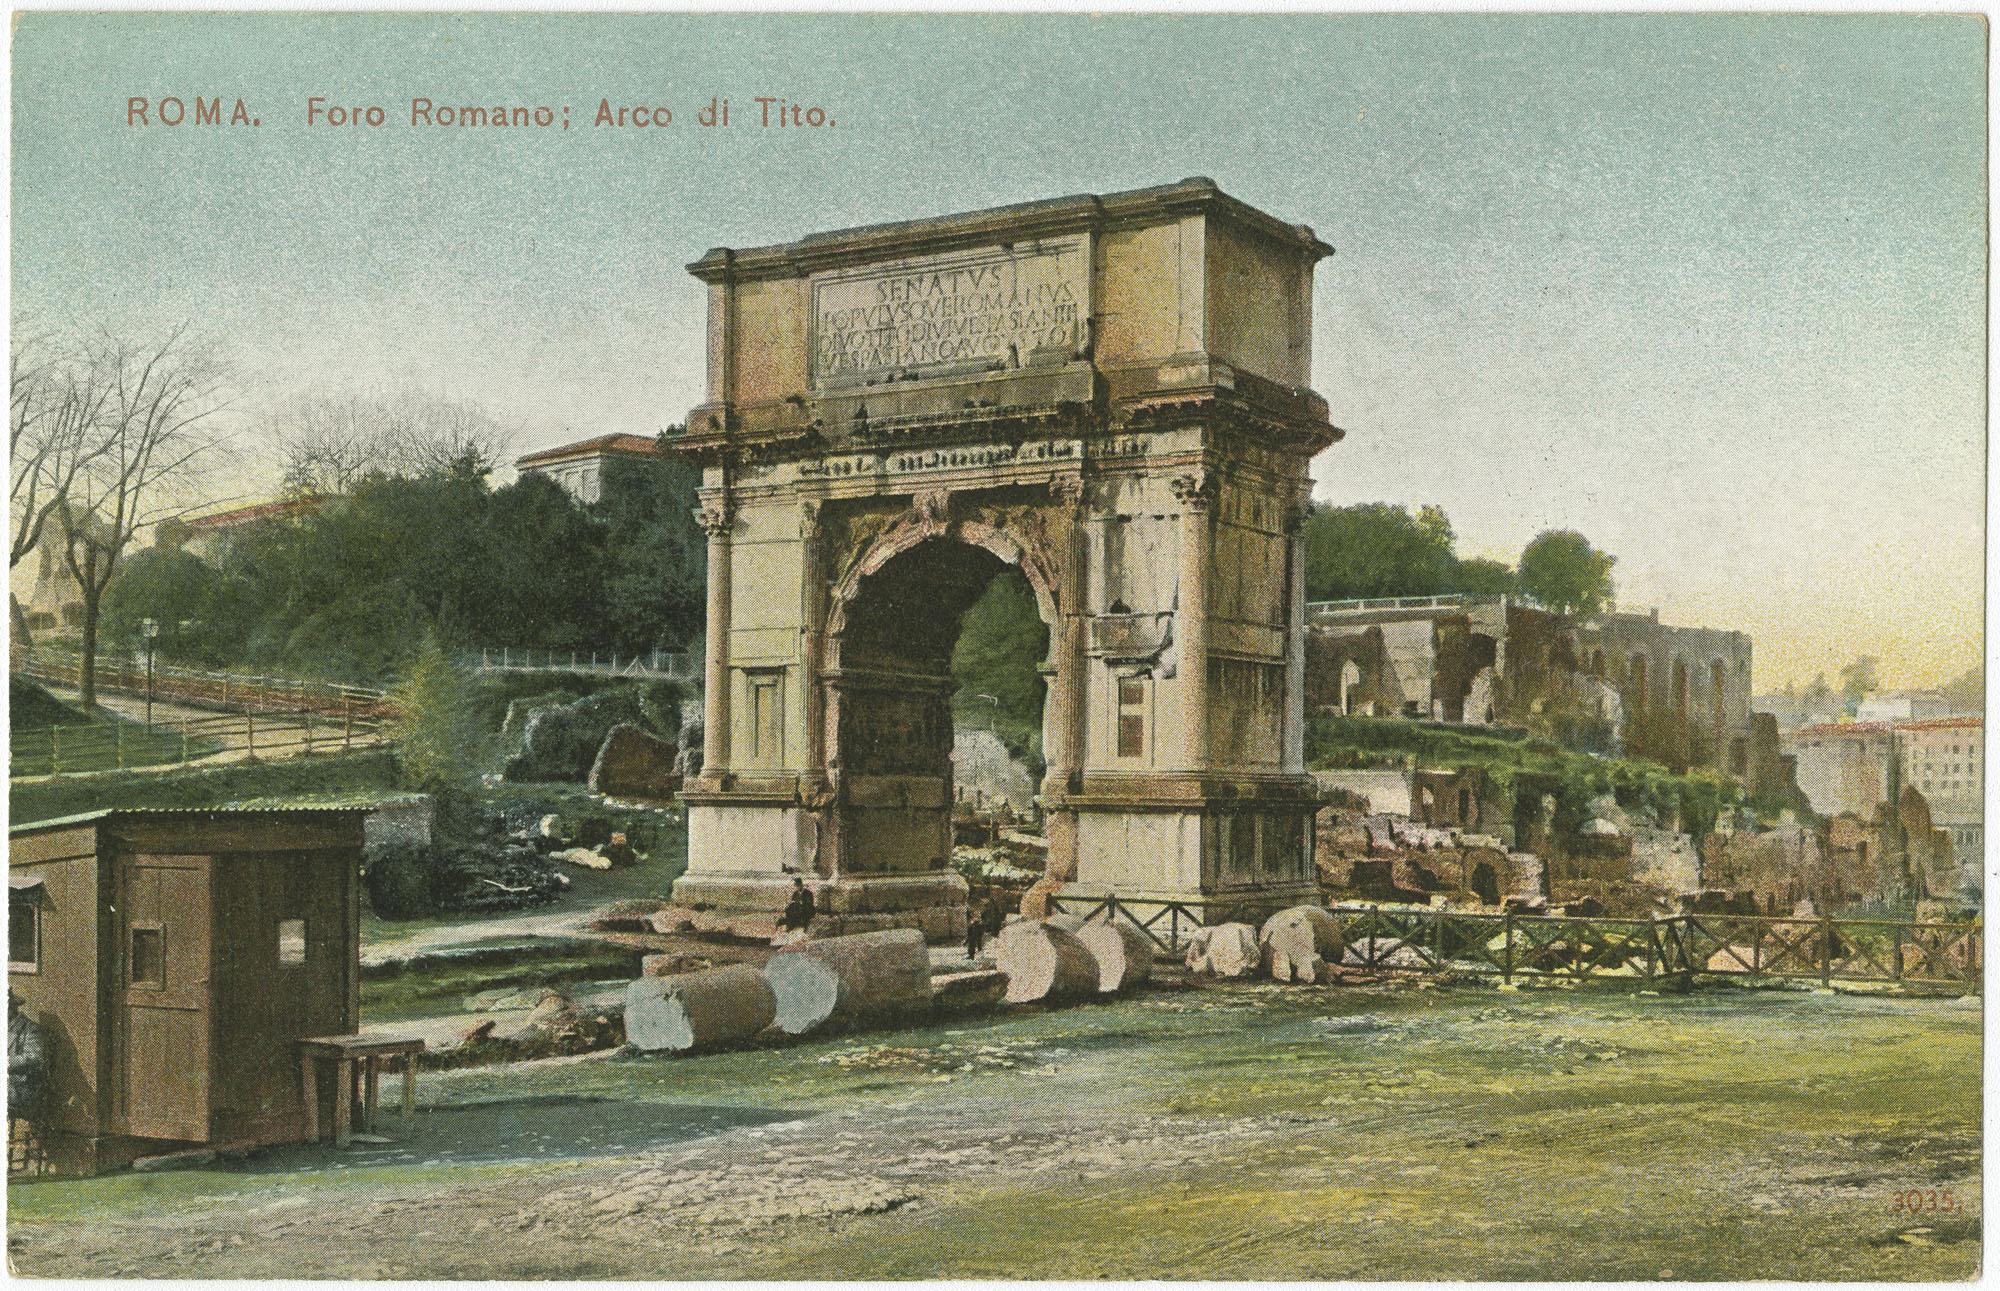 Roma. Foro Romano, Arco di Tito.